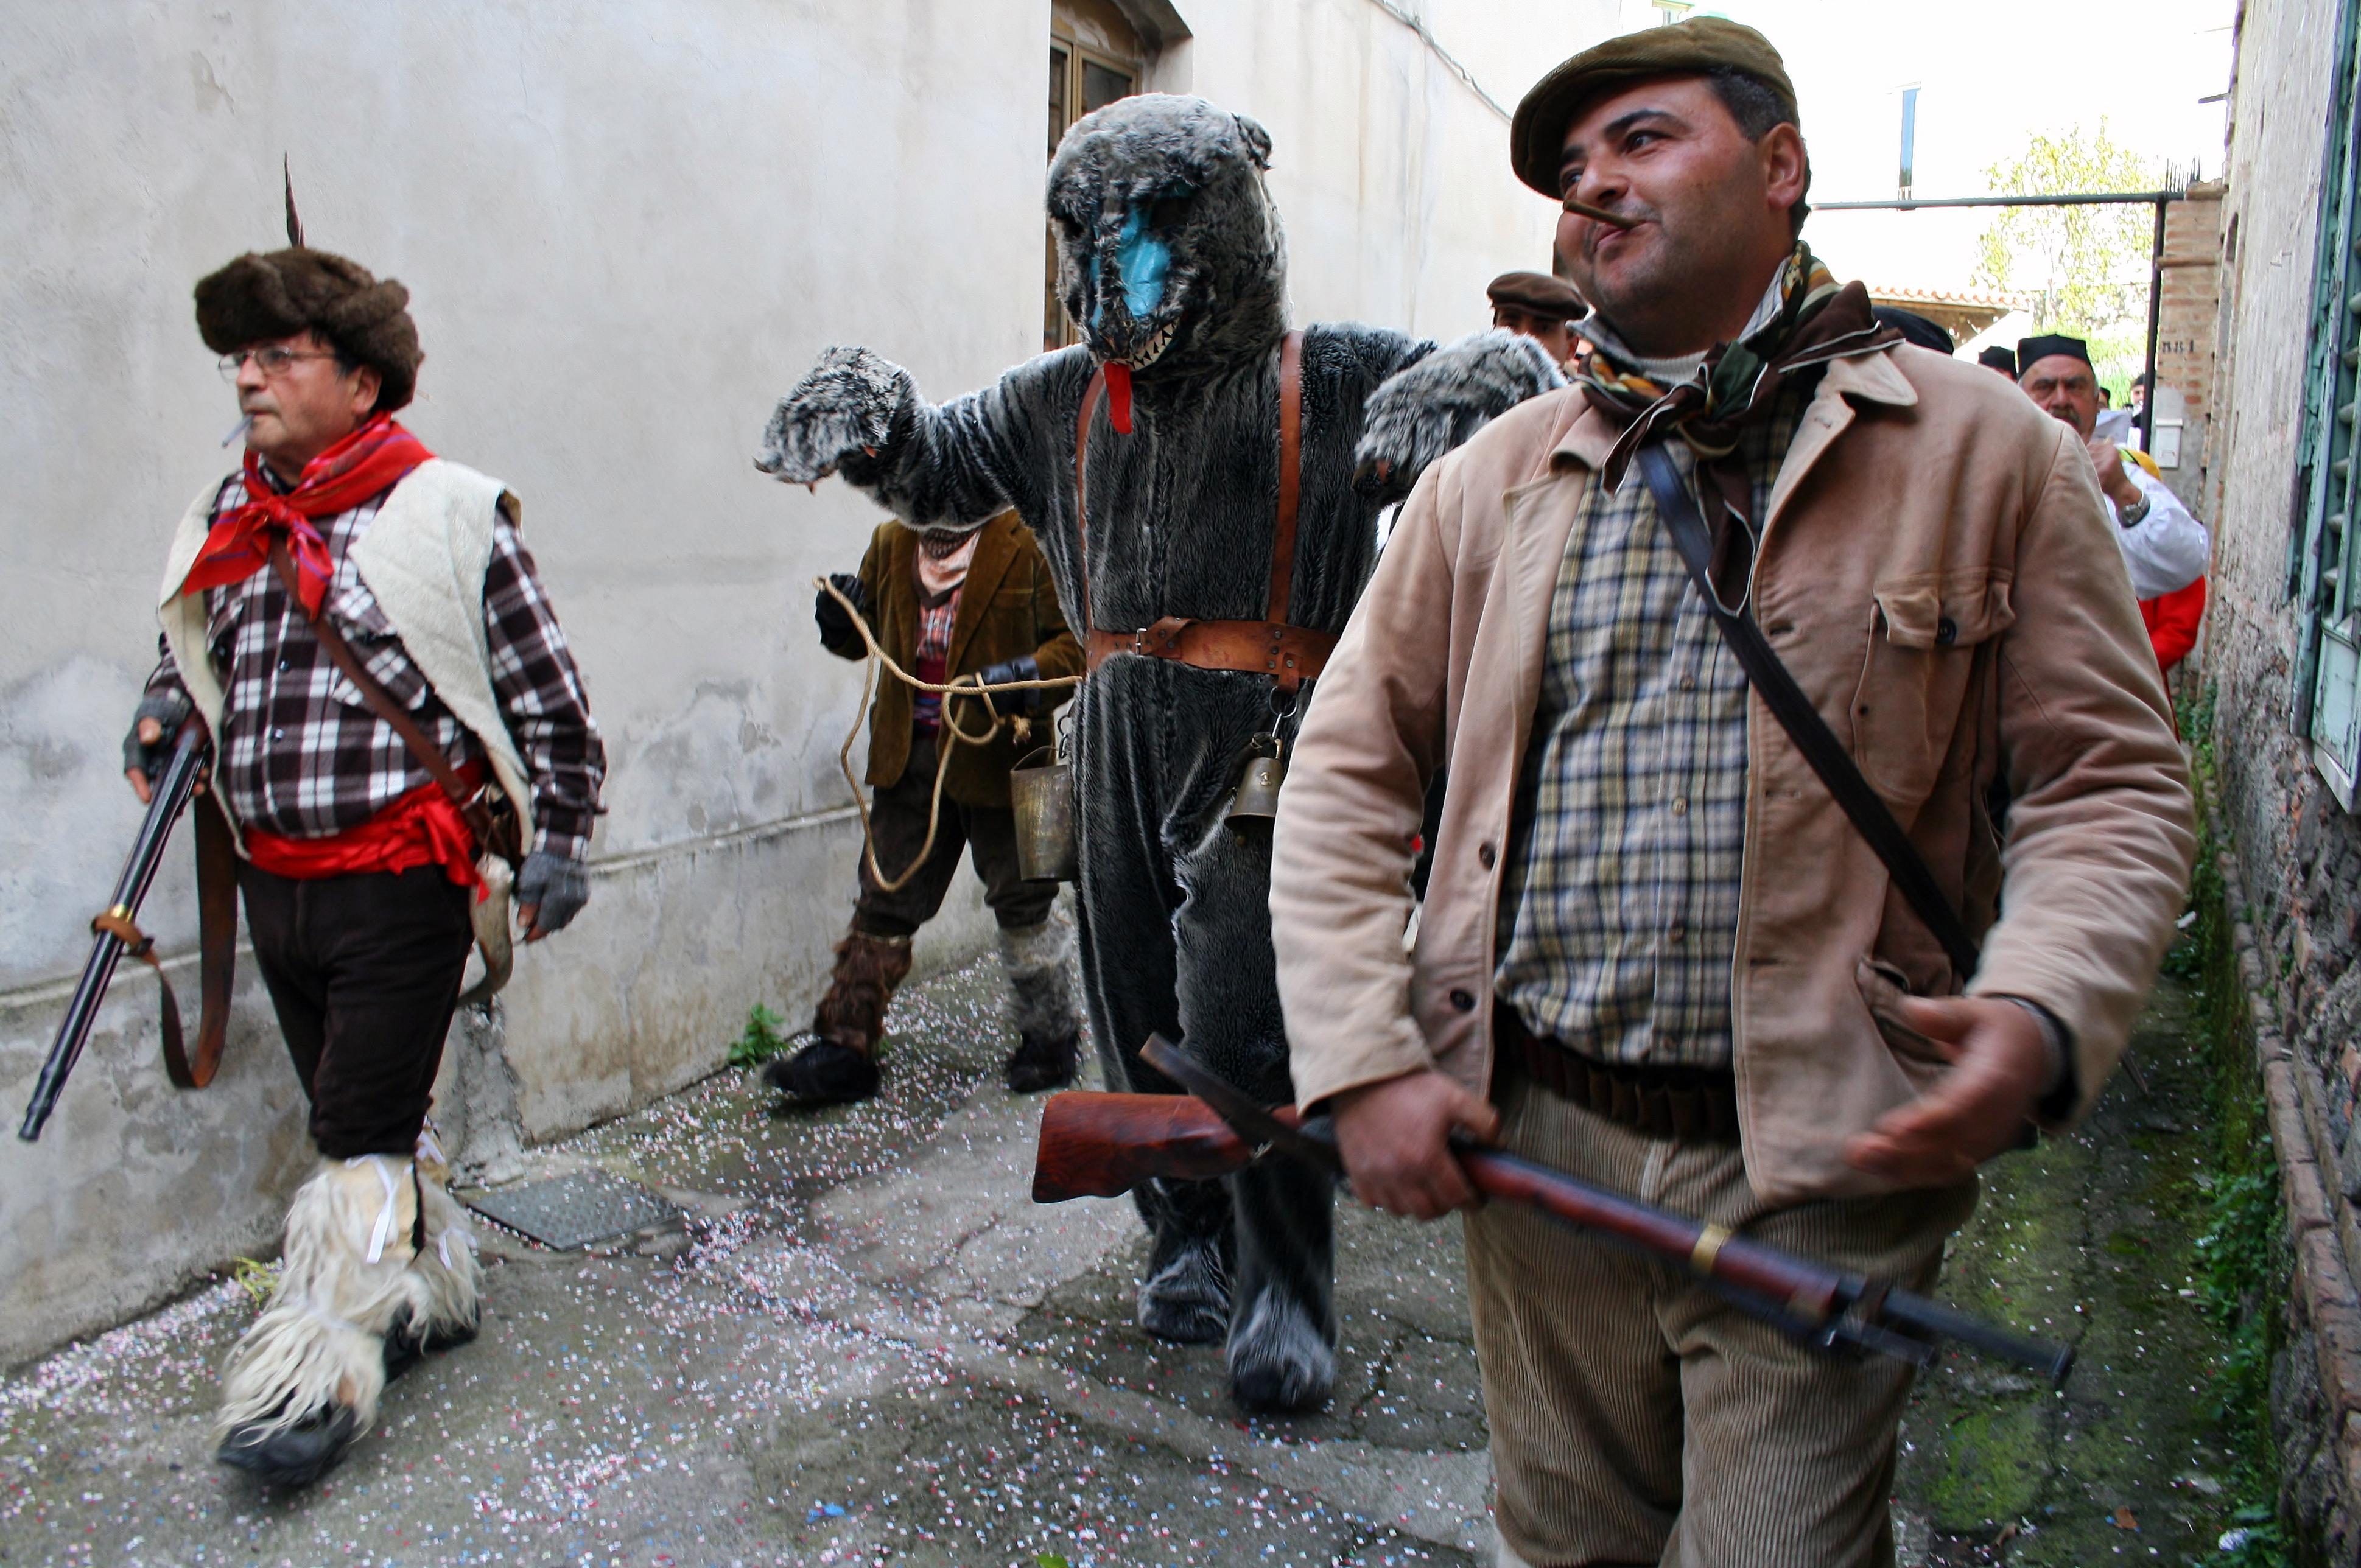 Il carnevale, martedì grasso ed il folklore siciliano - Parte prima